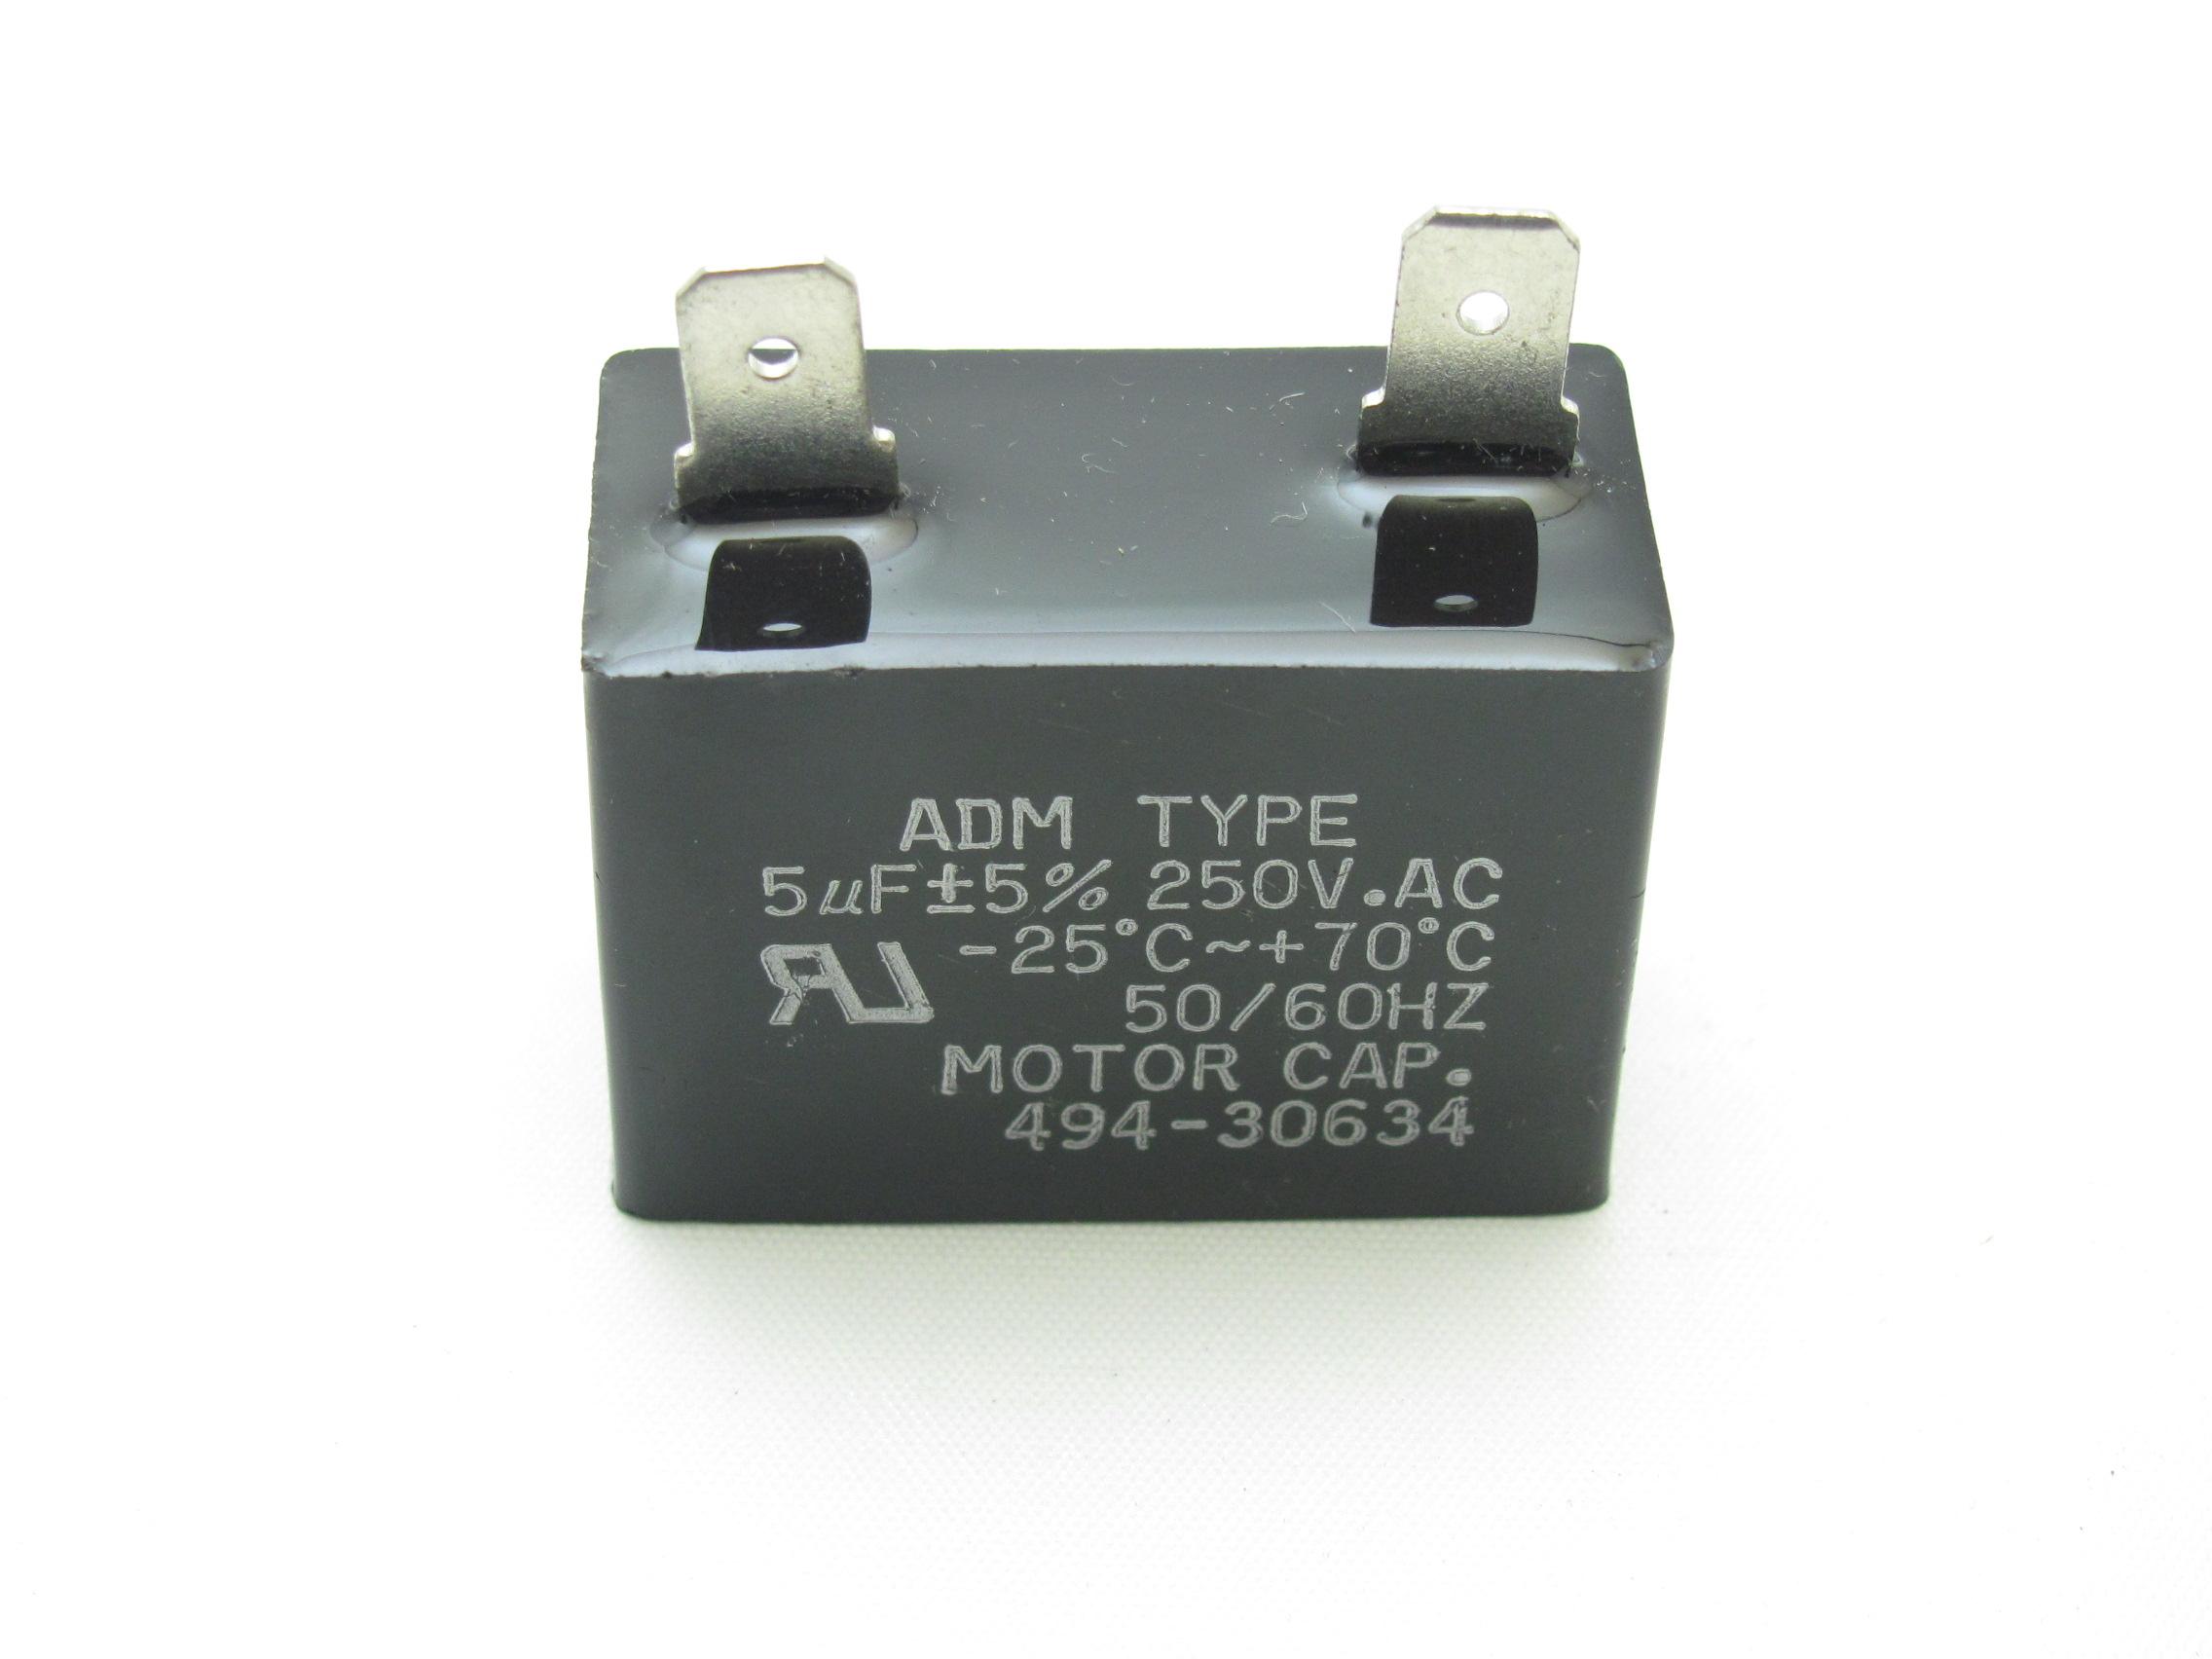 494 30634 5 Uf 250 Vac Capacitor Capacitor Industries